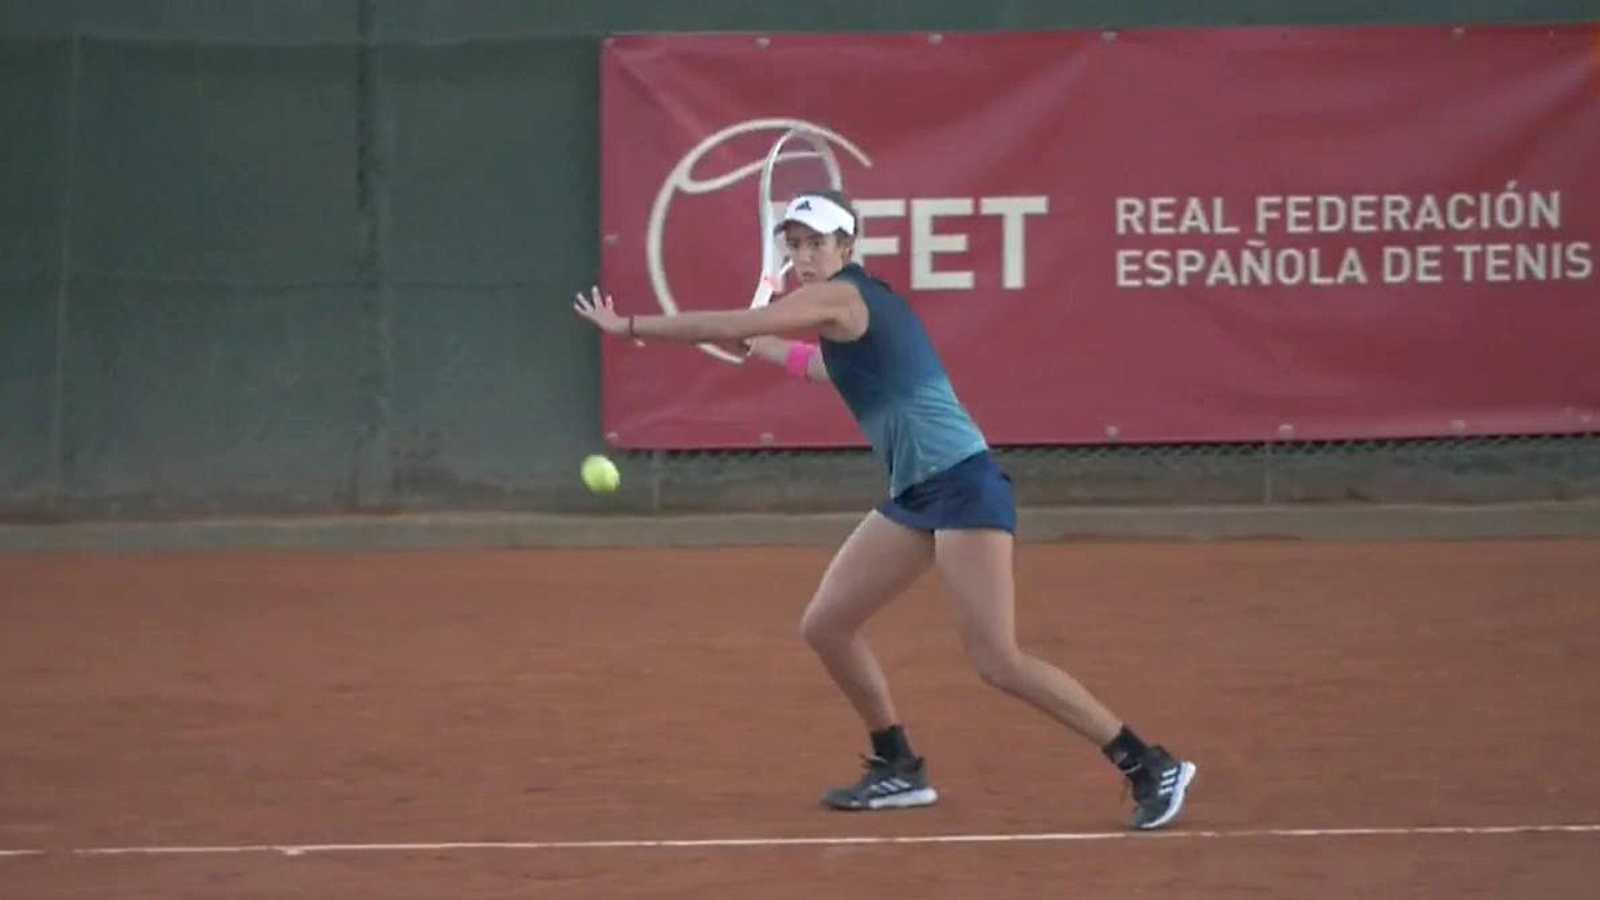 Tenis - Campeonato de España por equipos femeninos - ver ahora